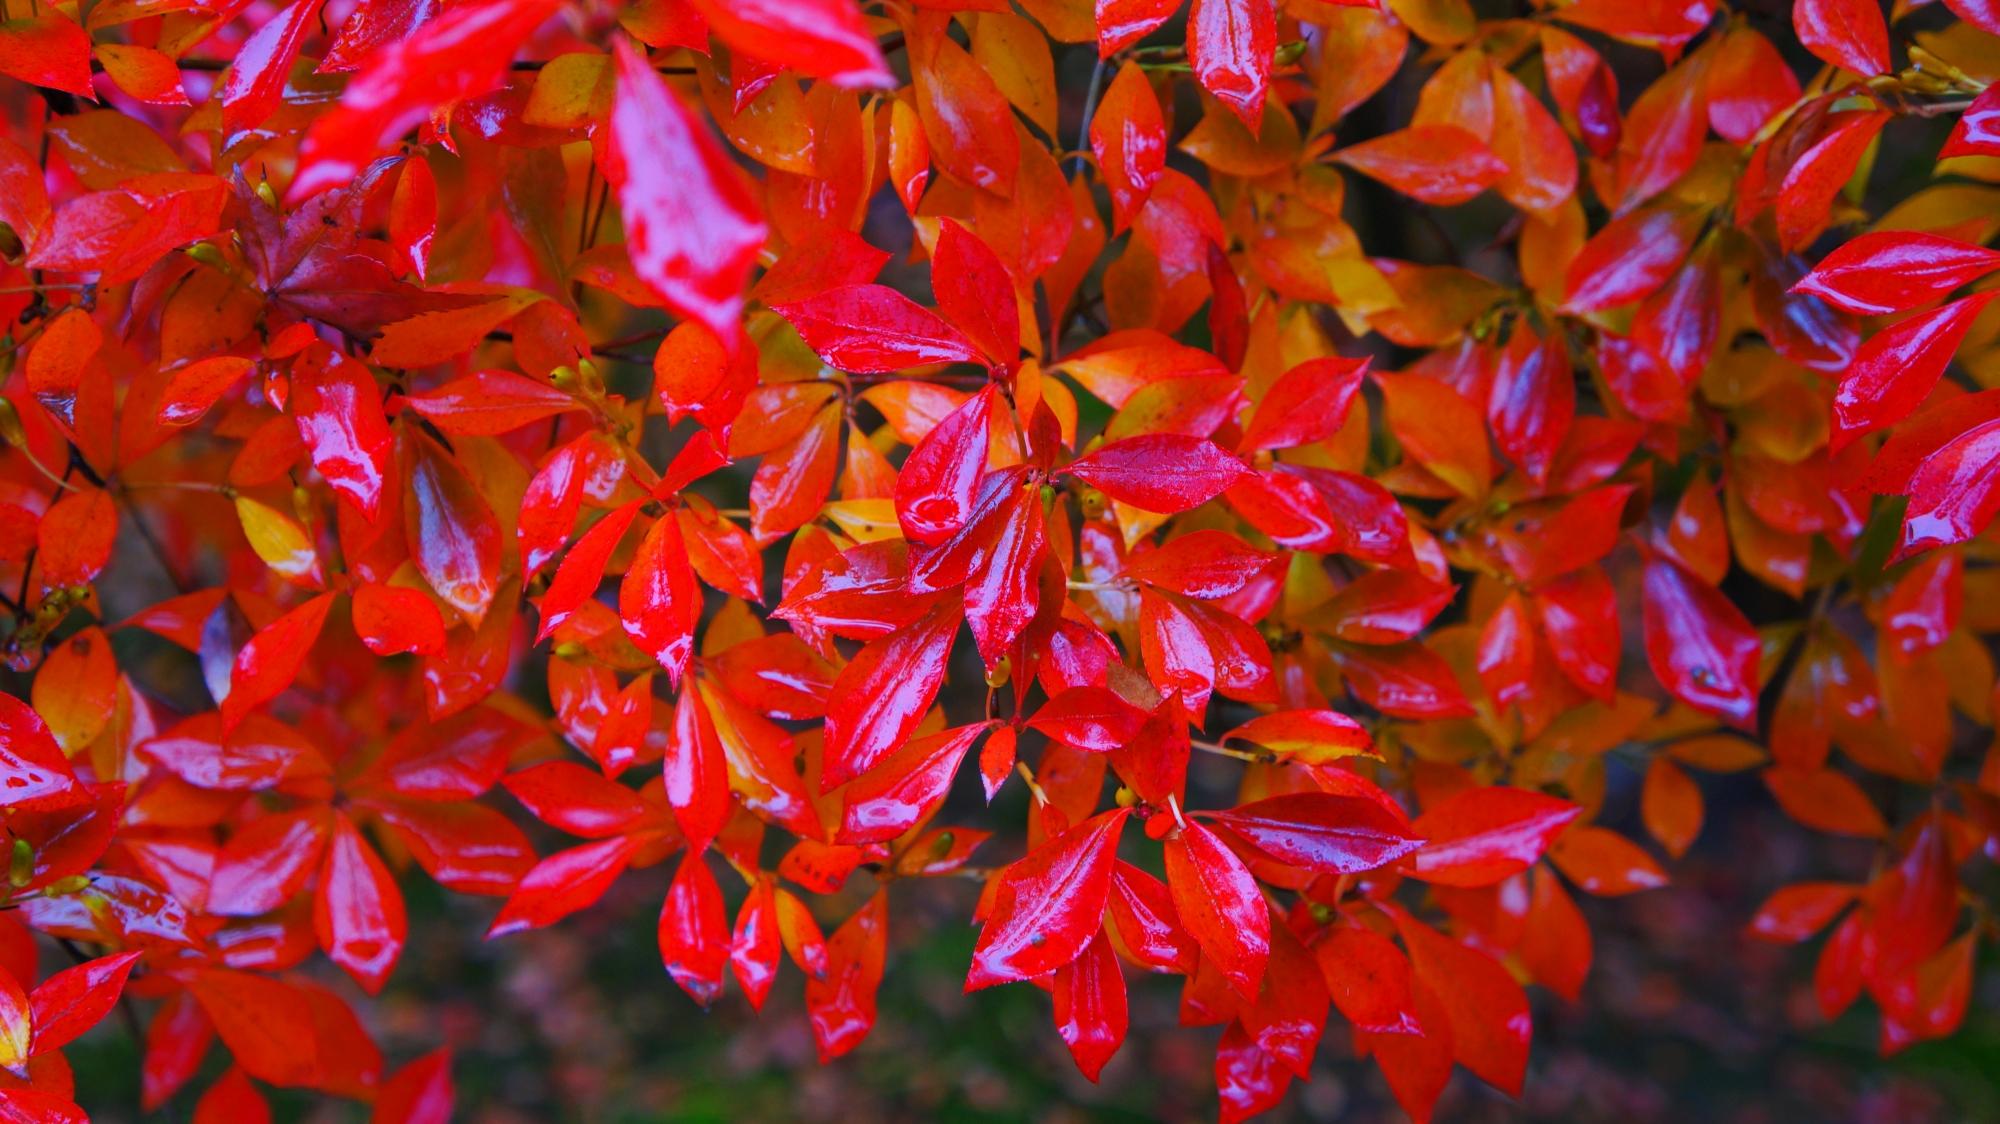 雨に濡れて葉が輝くドウダンツツジ